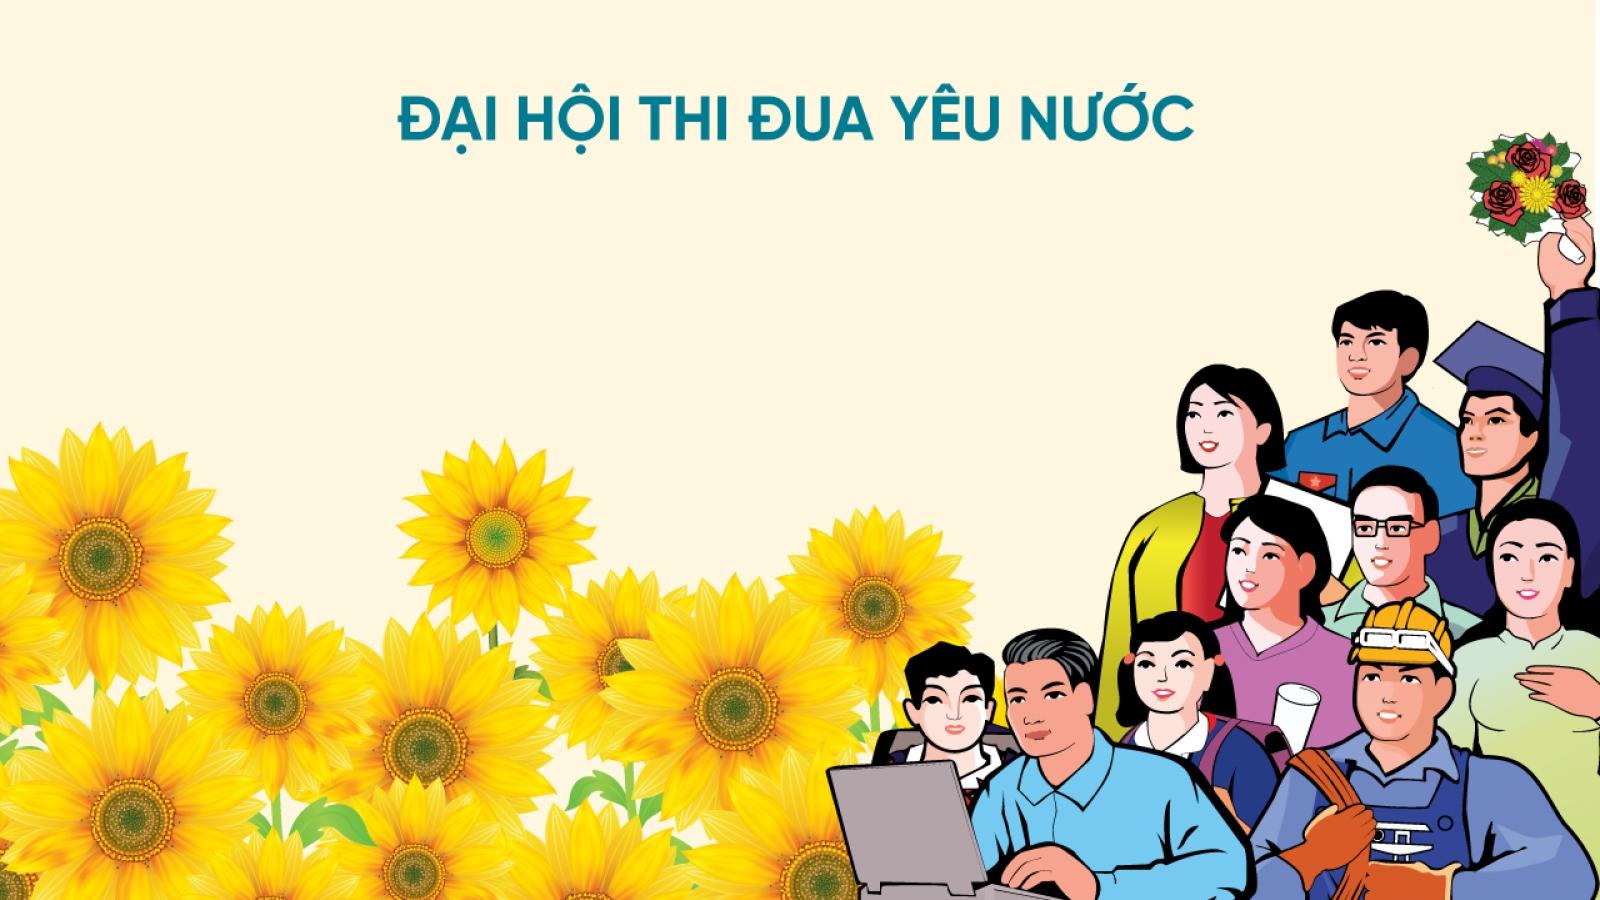 Đại hội Thi đua yêu nước lần thứ X diễn ra tại Hà Nội